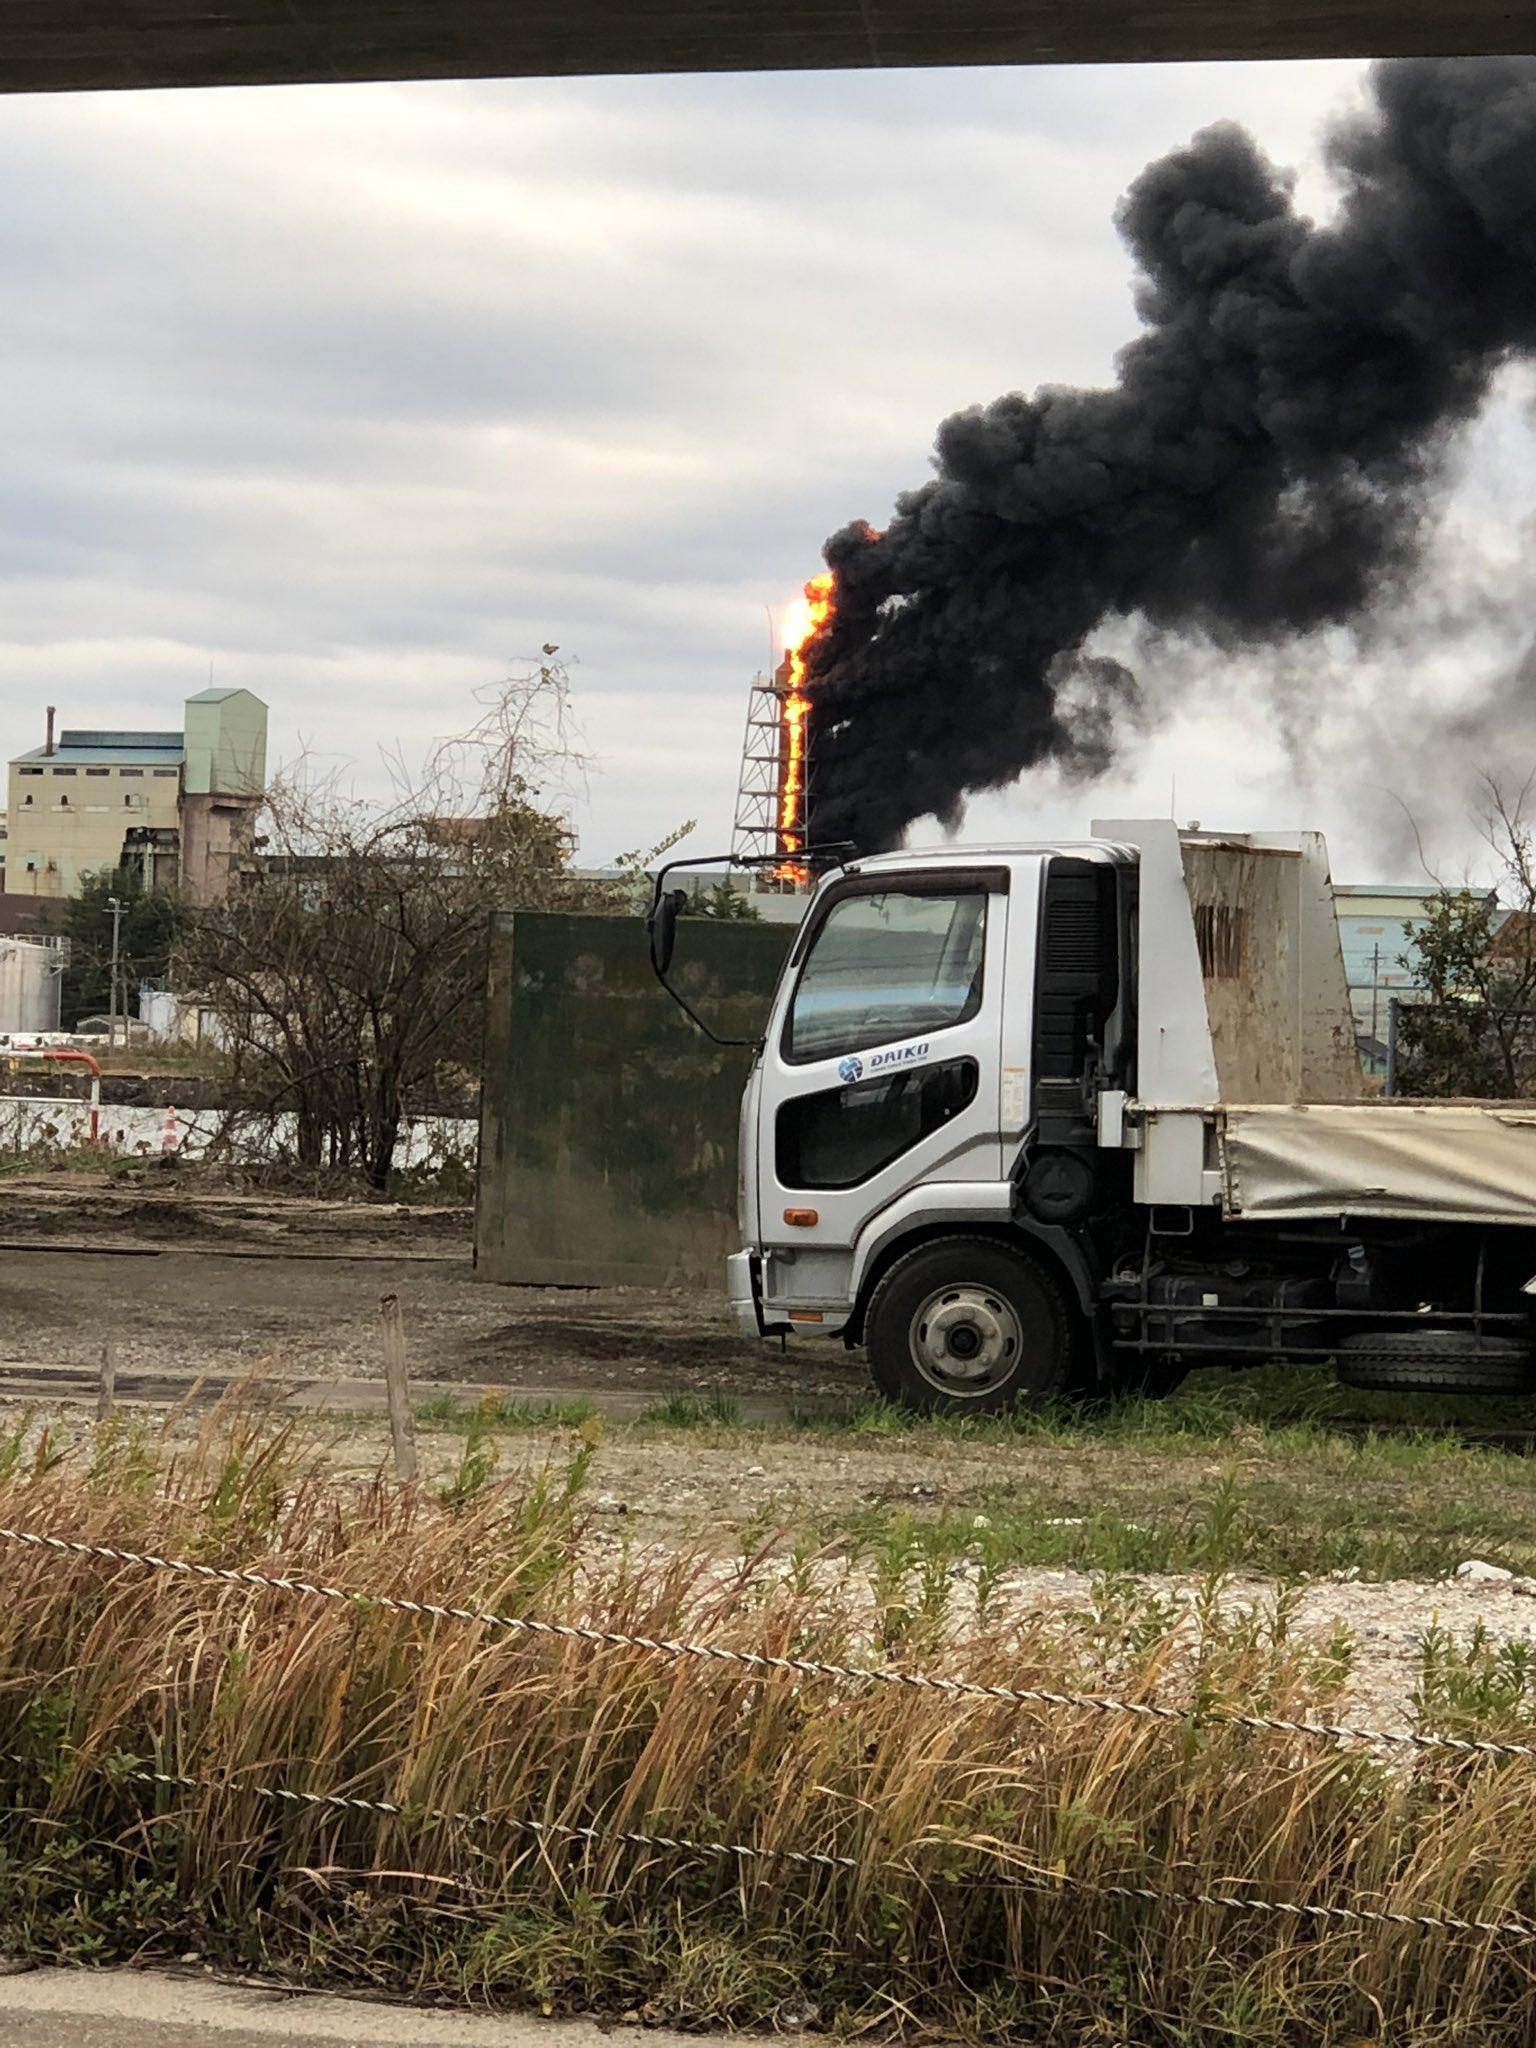 射水市庄西町のJFEマテリアルで火事が起きている現場の画像